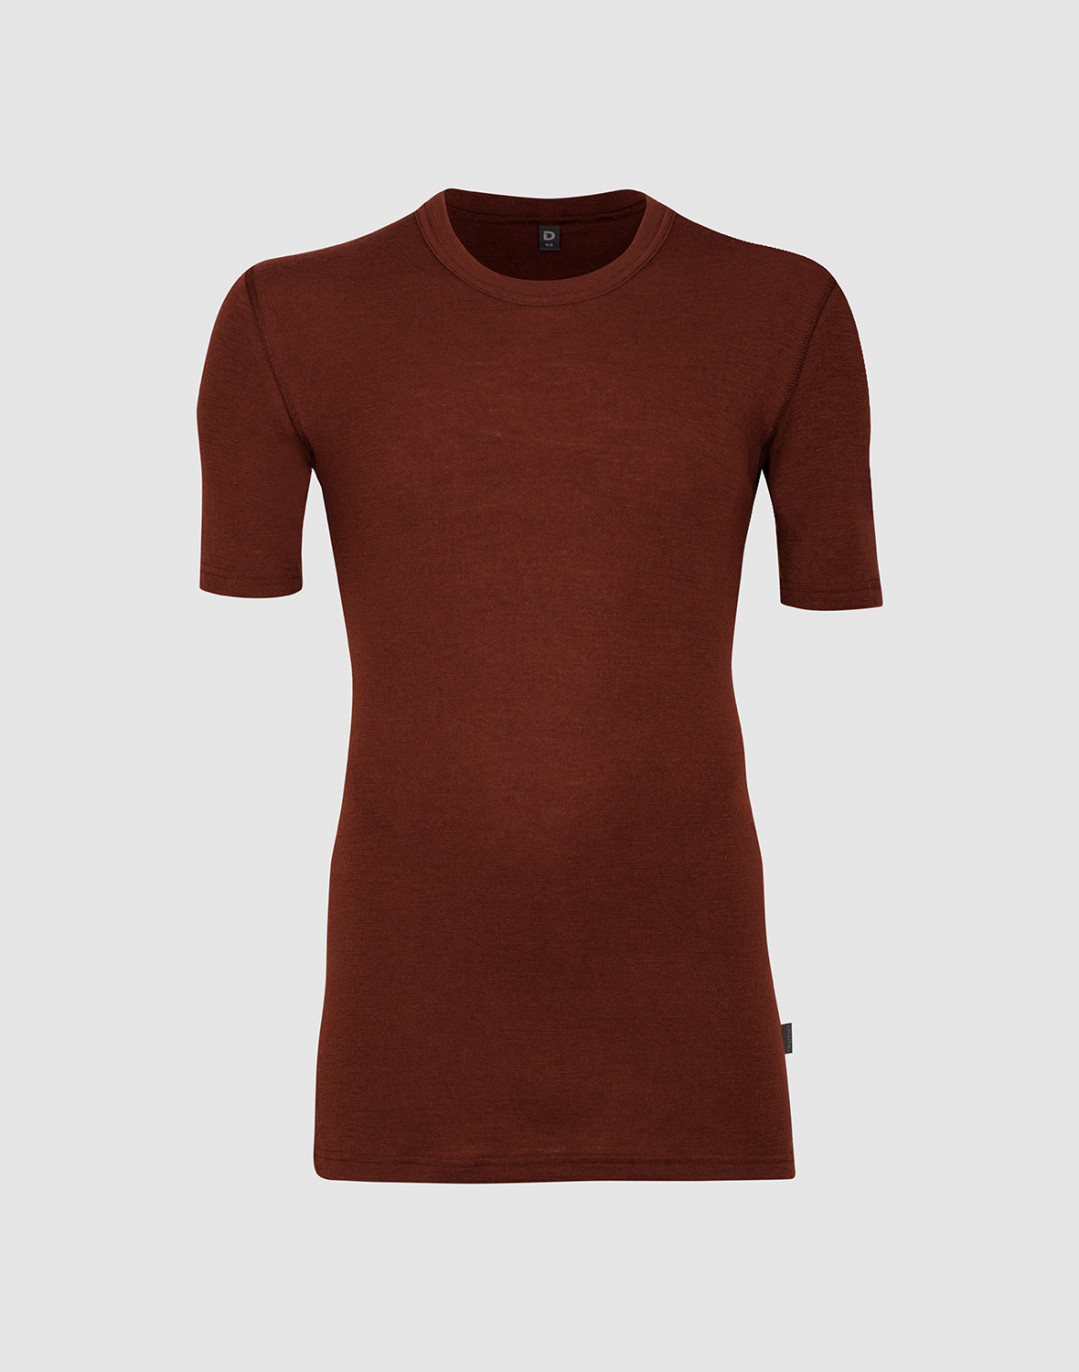 Herren T-Shirt aus Merinowolle